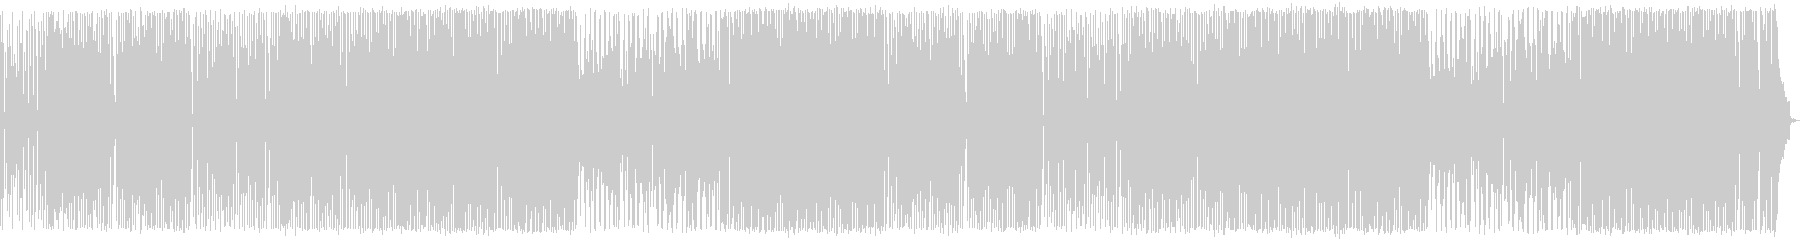 アップテンポで軽快 木琴のノリノリポップの未再生の波形